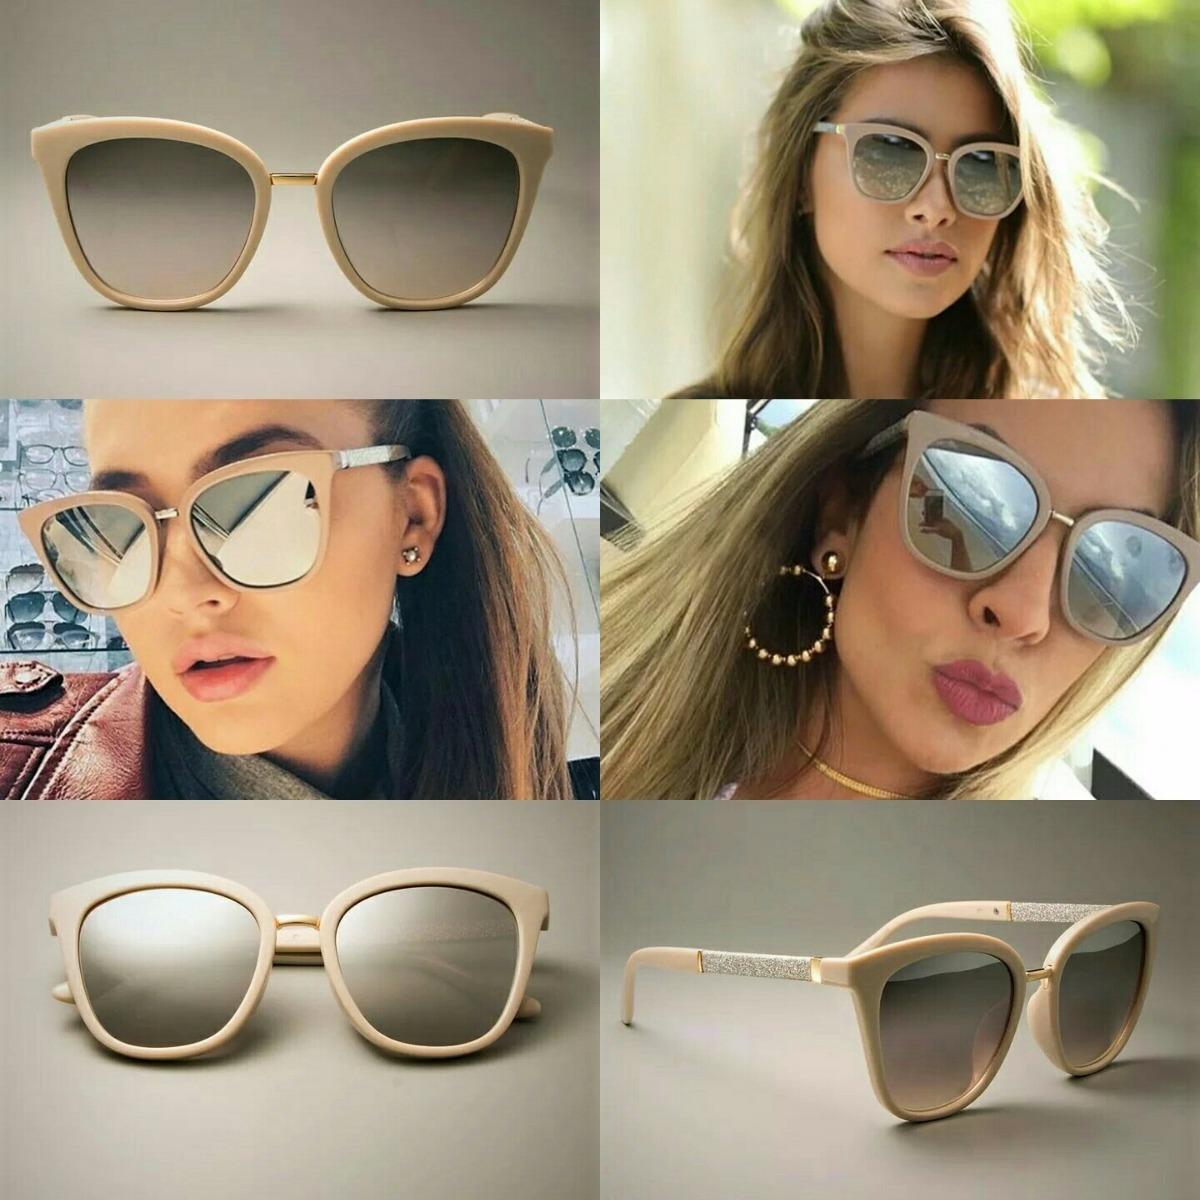 f94fdb638cdbf óculos de sol espelhado feminino lindo moda verão + flanela. Carregando  zoom.